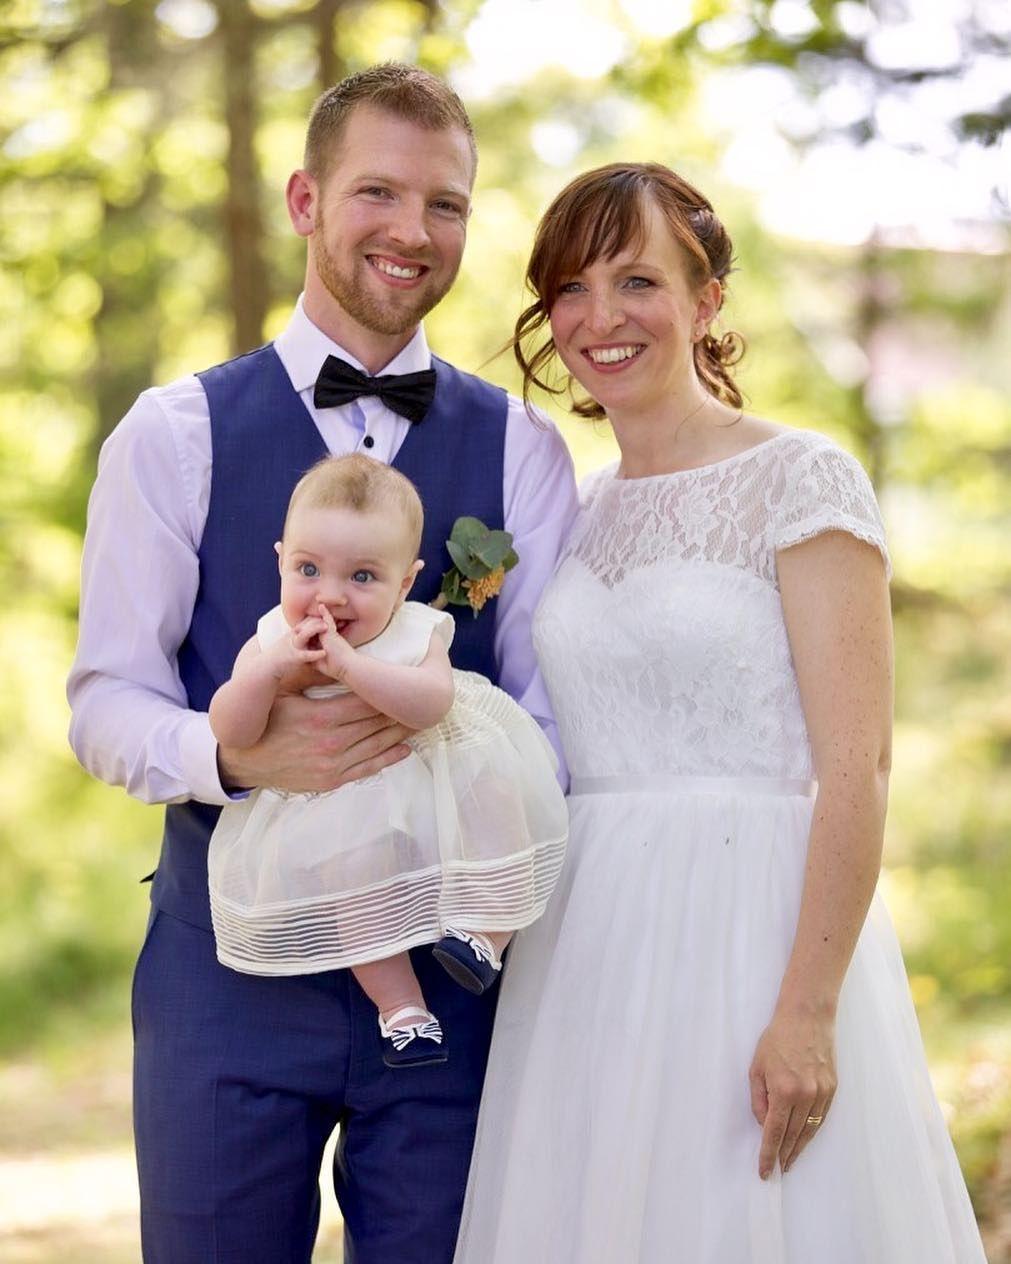 8ec368c9c9d9 Bröllop i helgen! Fick äran att vara med Malin och Jacob vid Vårdsnäs  hembygdsförening.